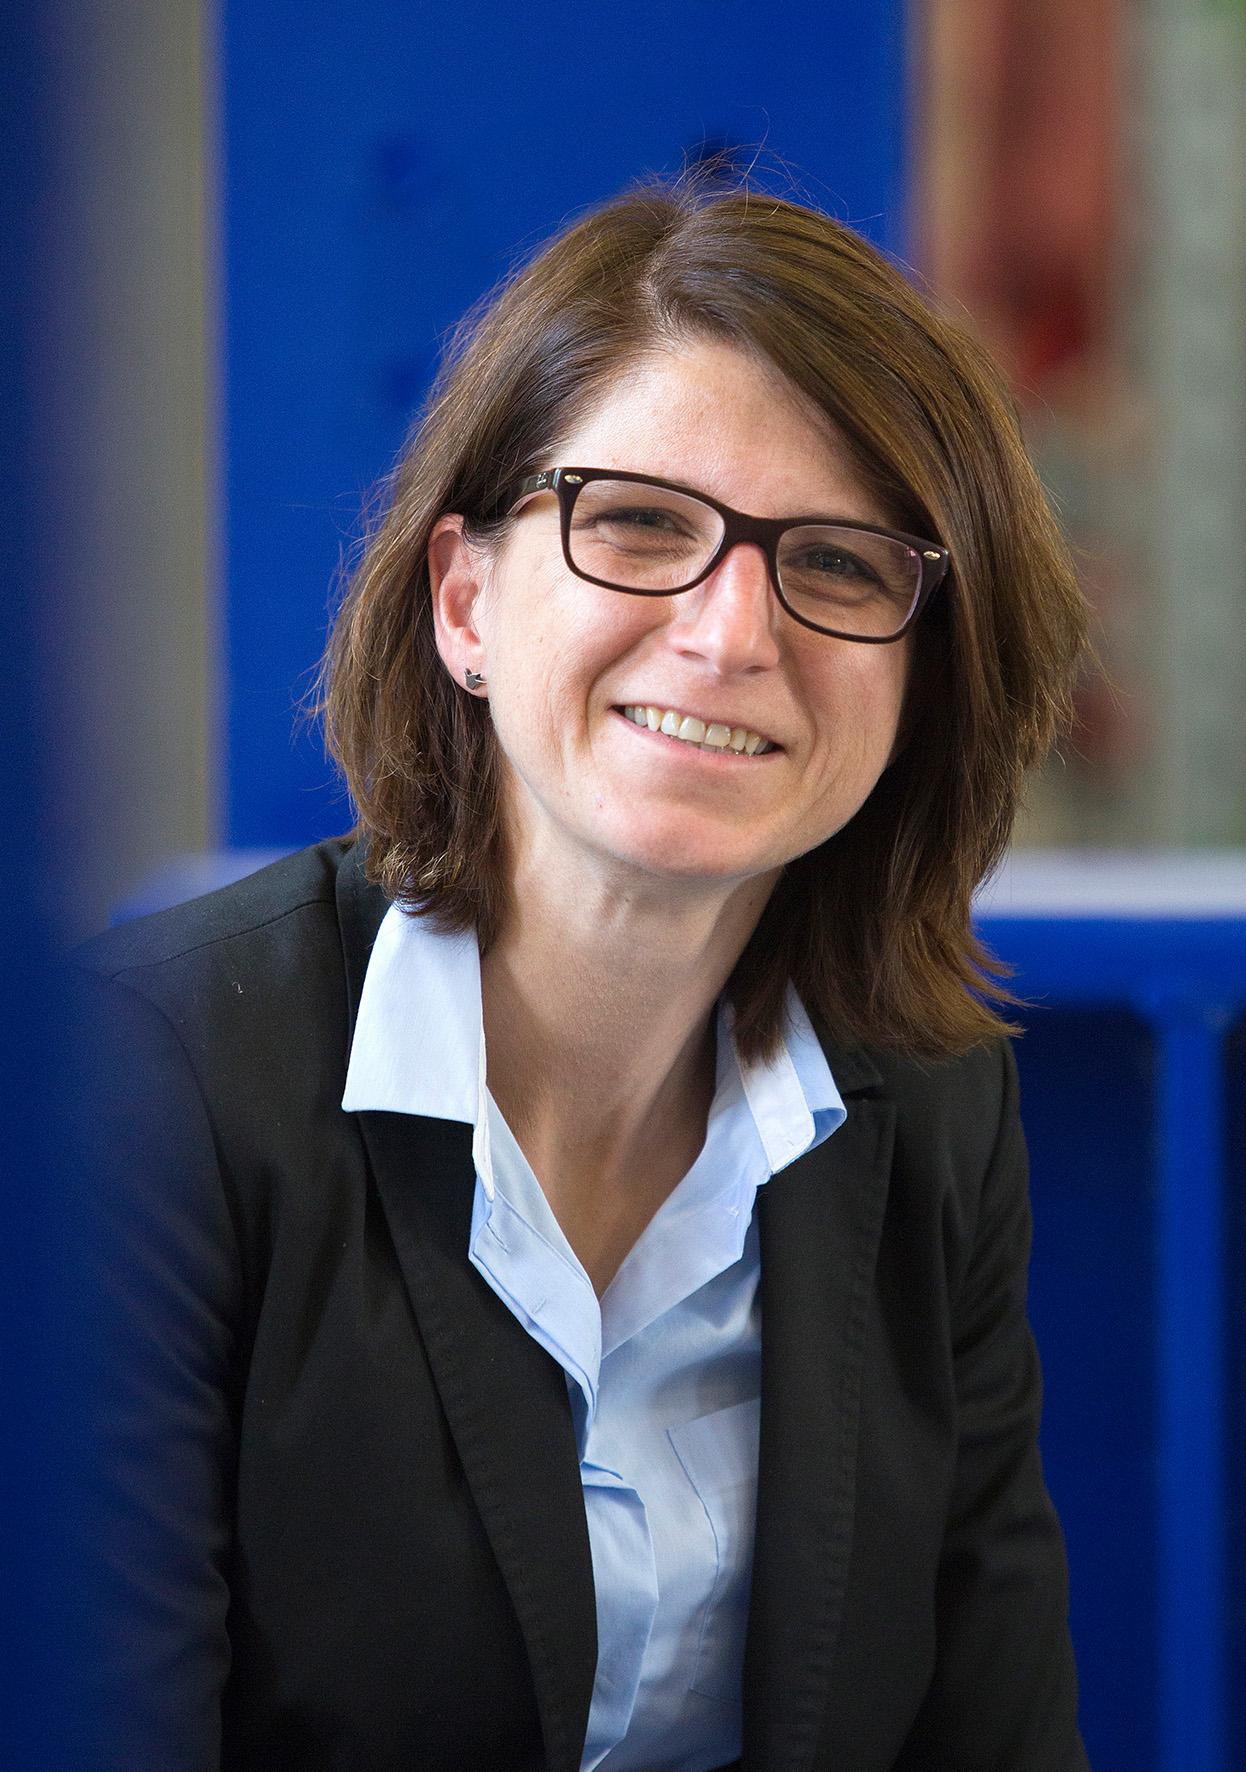 Prof. Dr. Henriette Strotmann